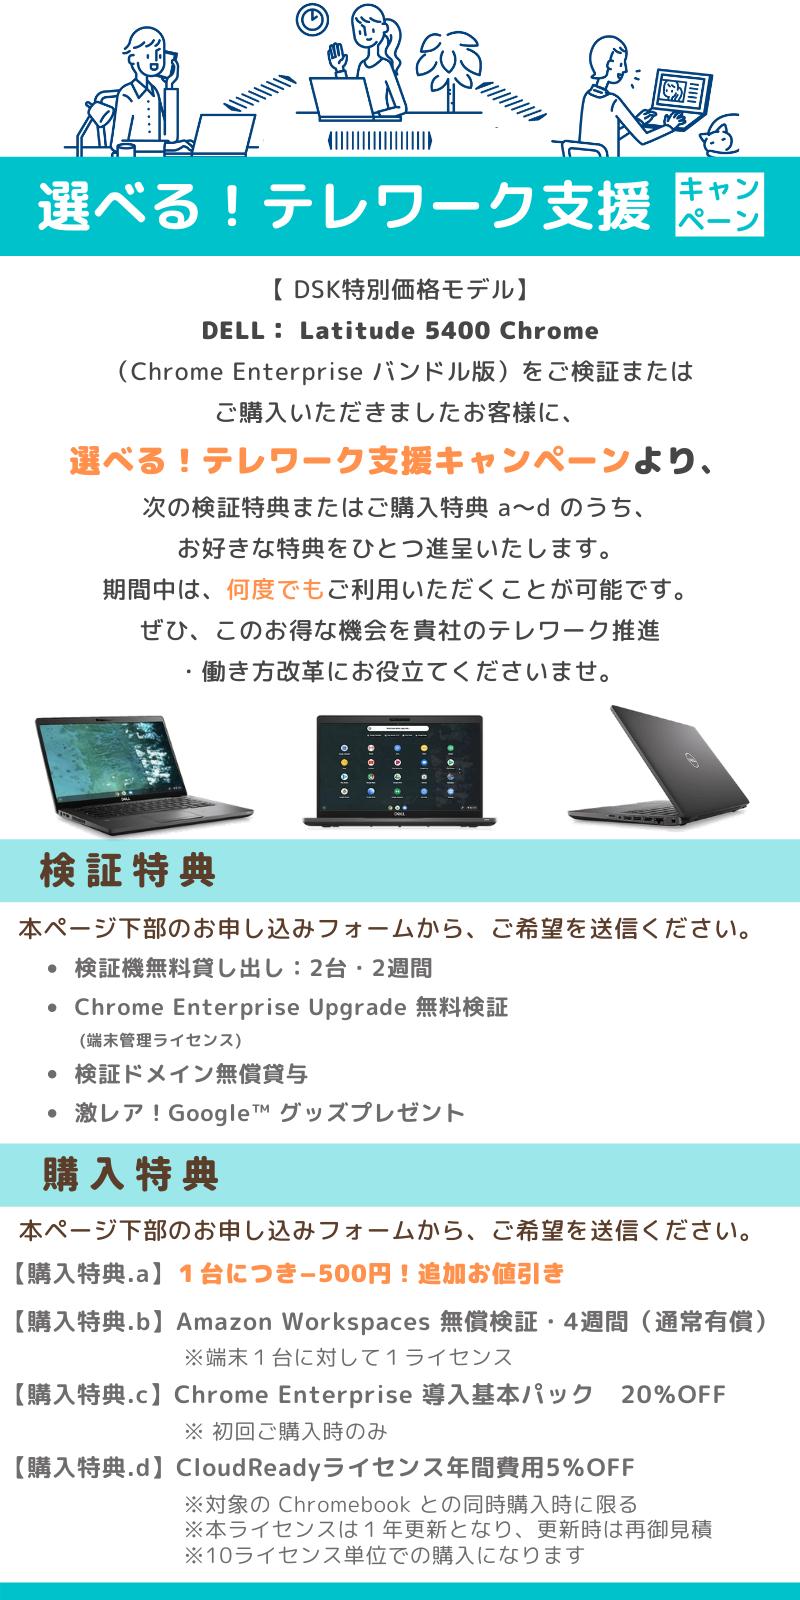 DELL: Latitude 5400 Chrome 選べる!テレワーク支援キャンペーン